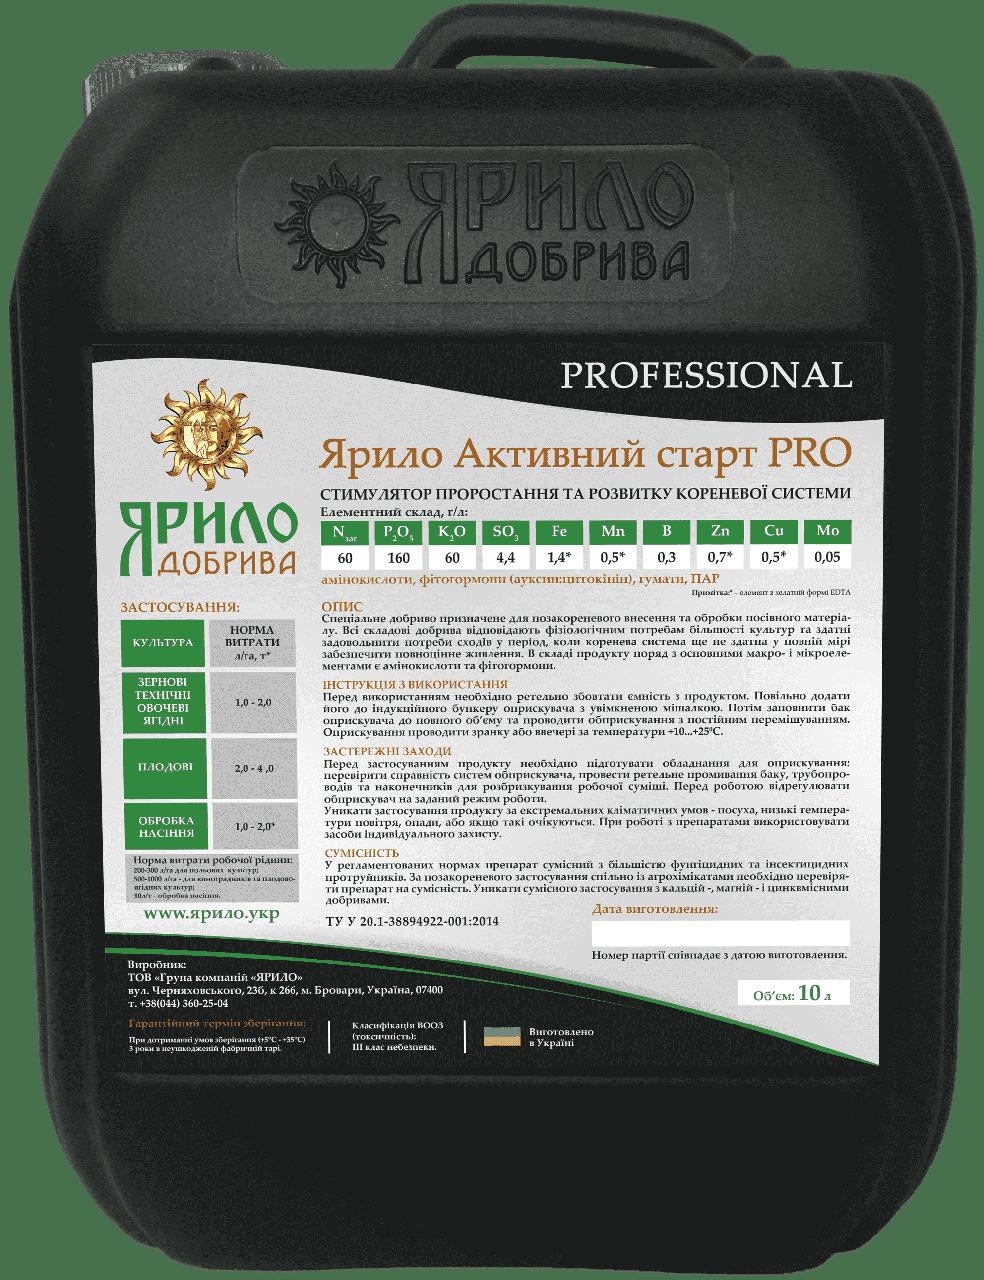 Стимулятор Роста для обработки семян и листовой подкормки Озимого и Ярового Рапса АКТИВНЫЙ СТАРТ гуматы, Аминокислотами. Норма 1-2 литров на гектар.